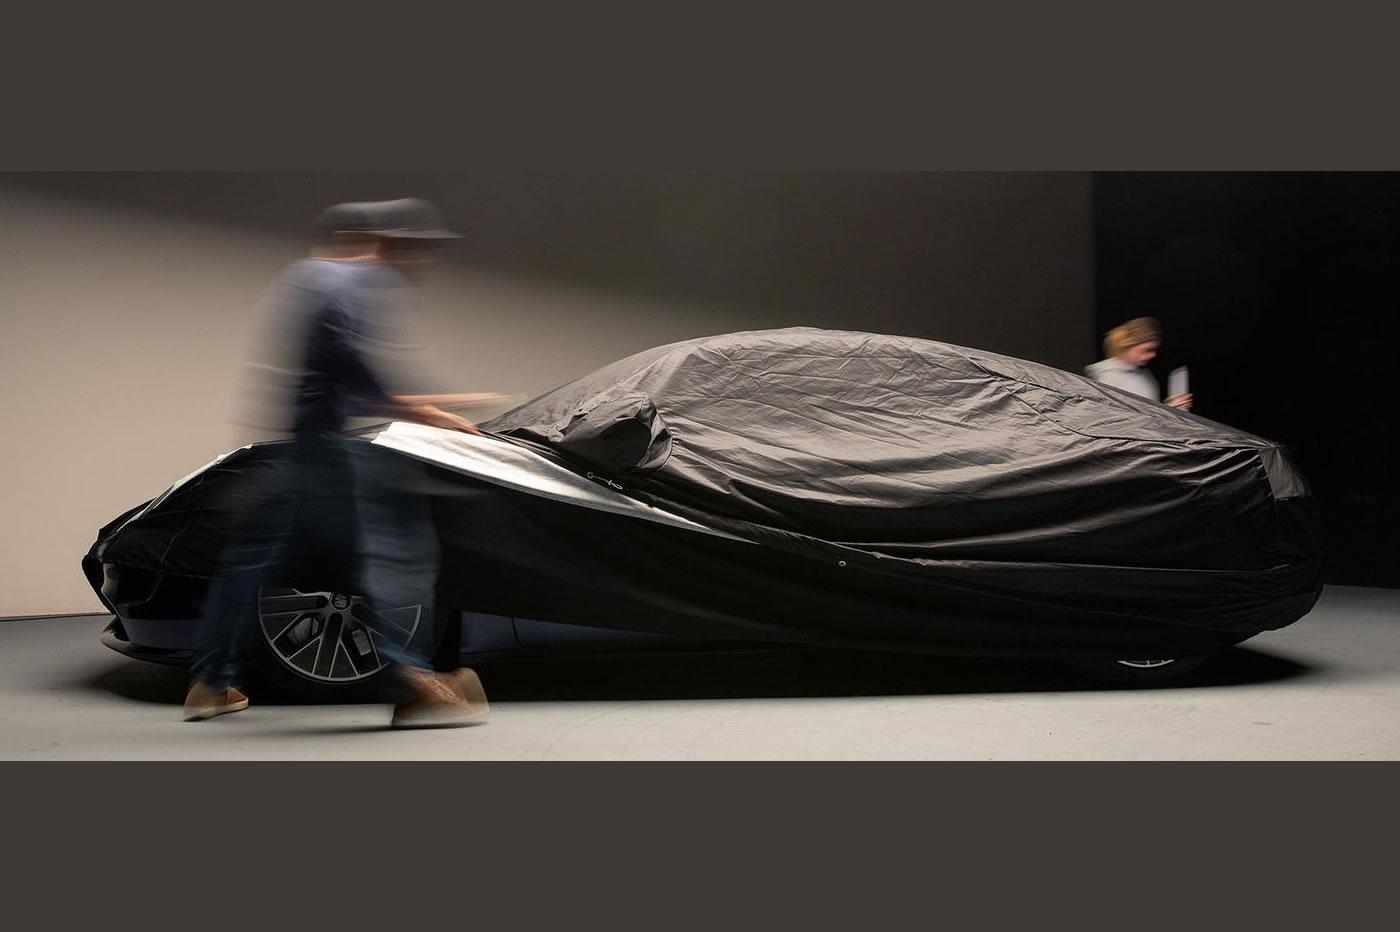 Le Porsche Taycan sera doté d'un système de freinage différent de celui des autres voitures électriques